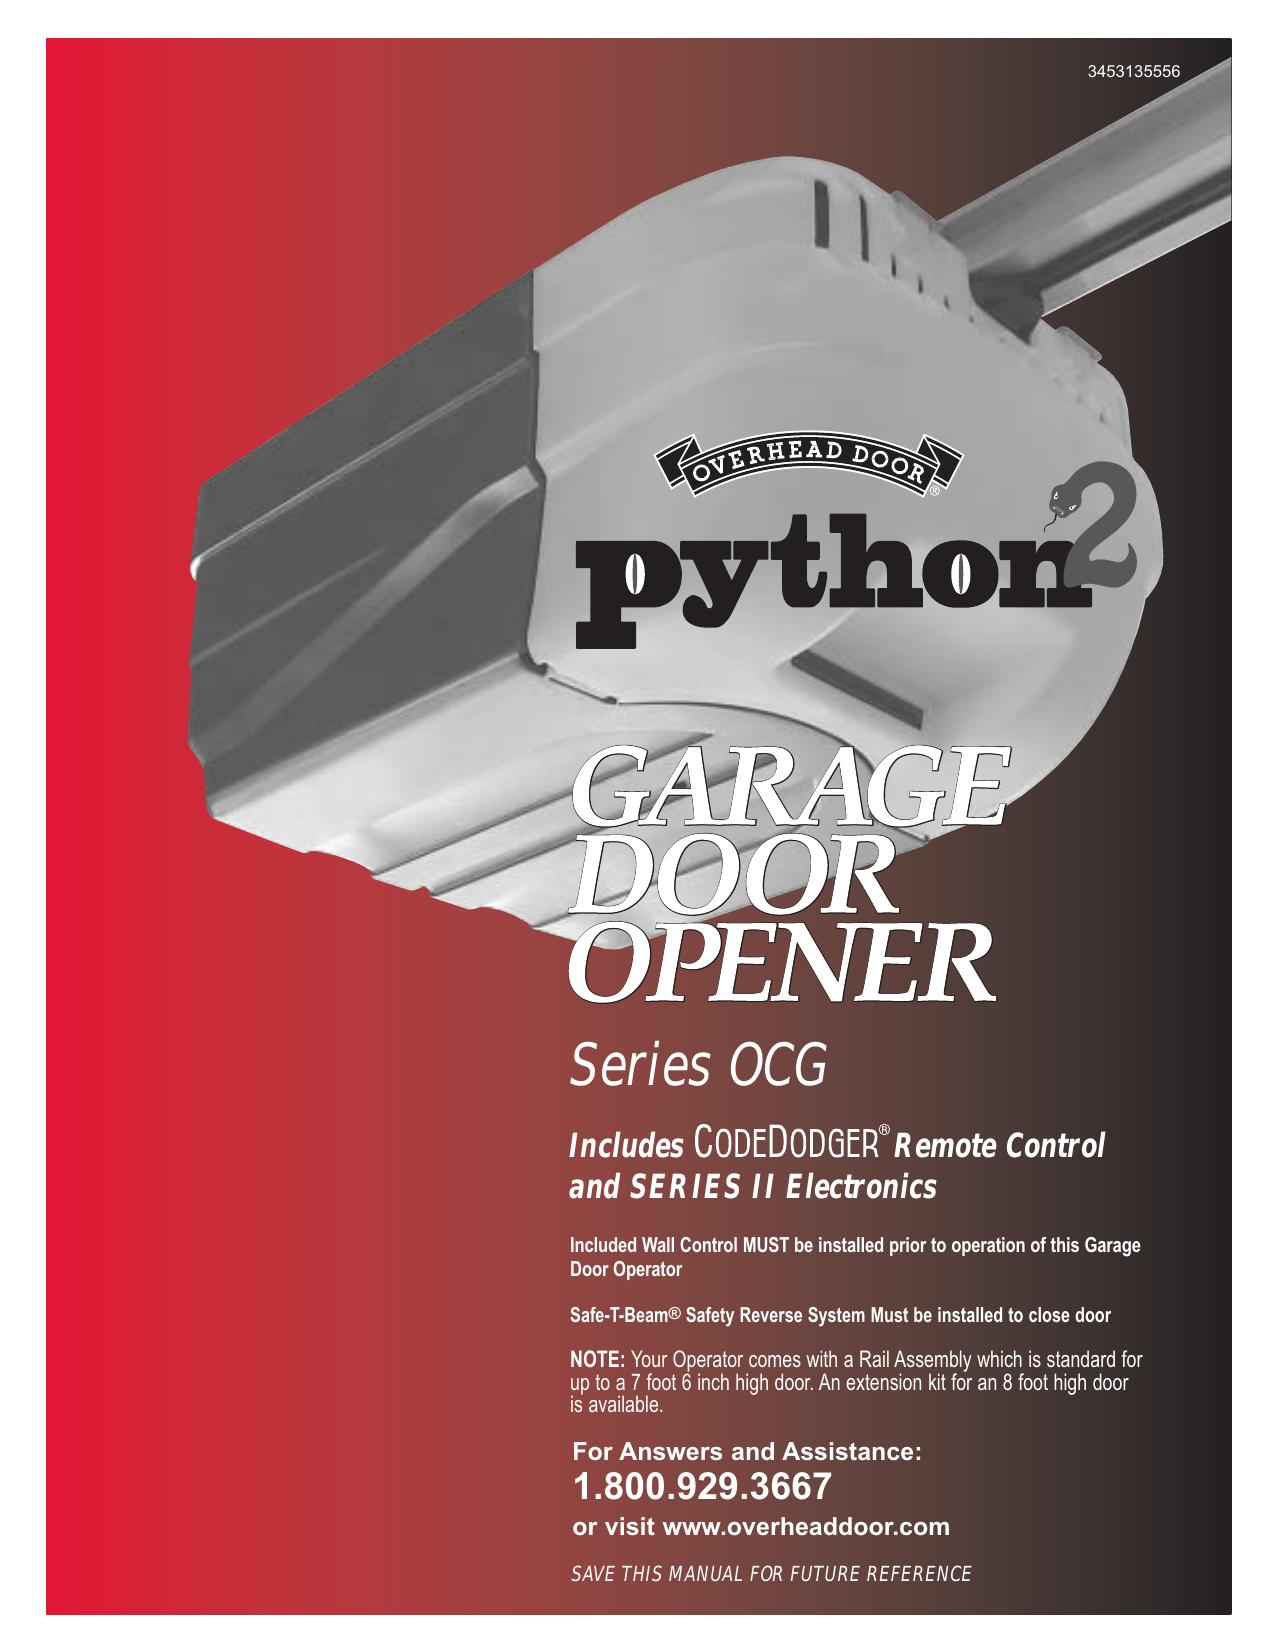 Python 2 Garage Door Opener Owner S Manual